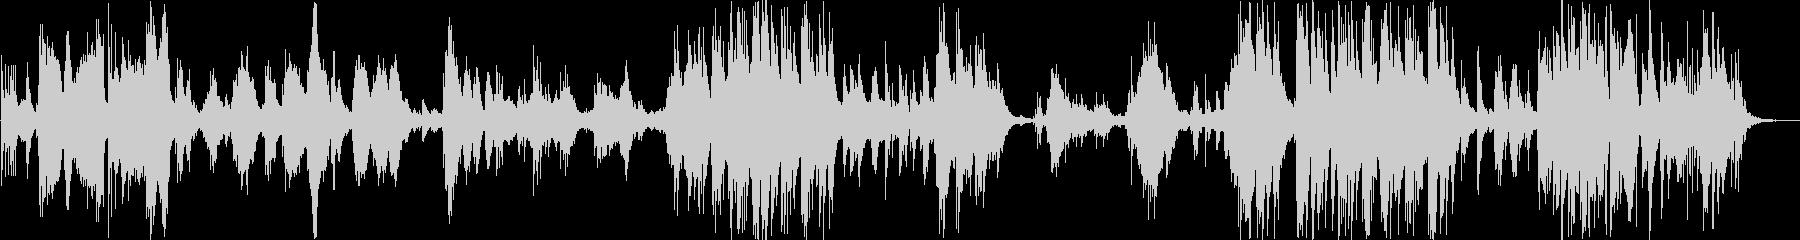 禁じられた遊び~愛のピアノ即興アレンジの未再生の波形